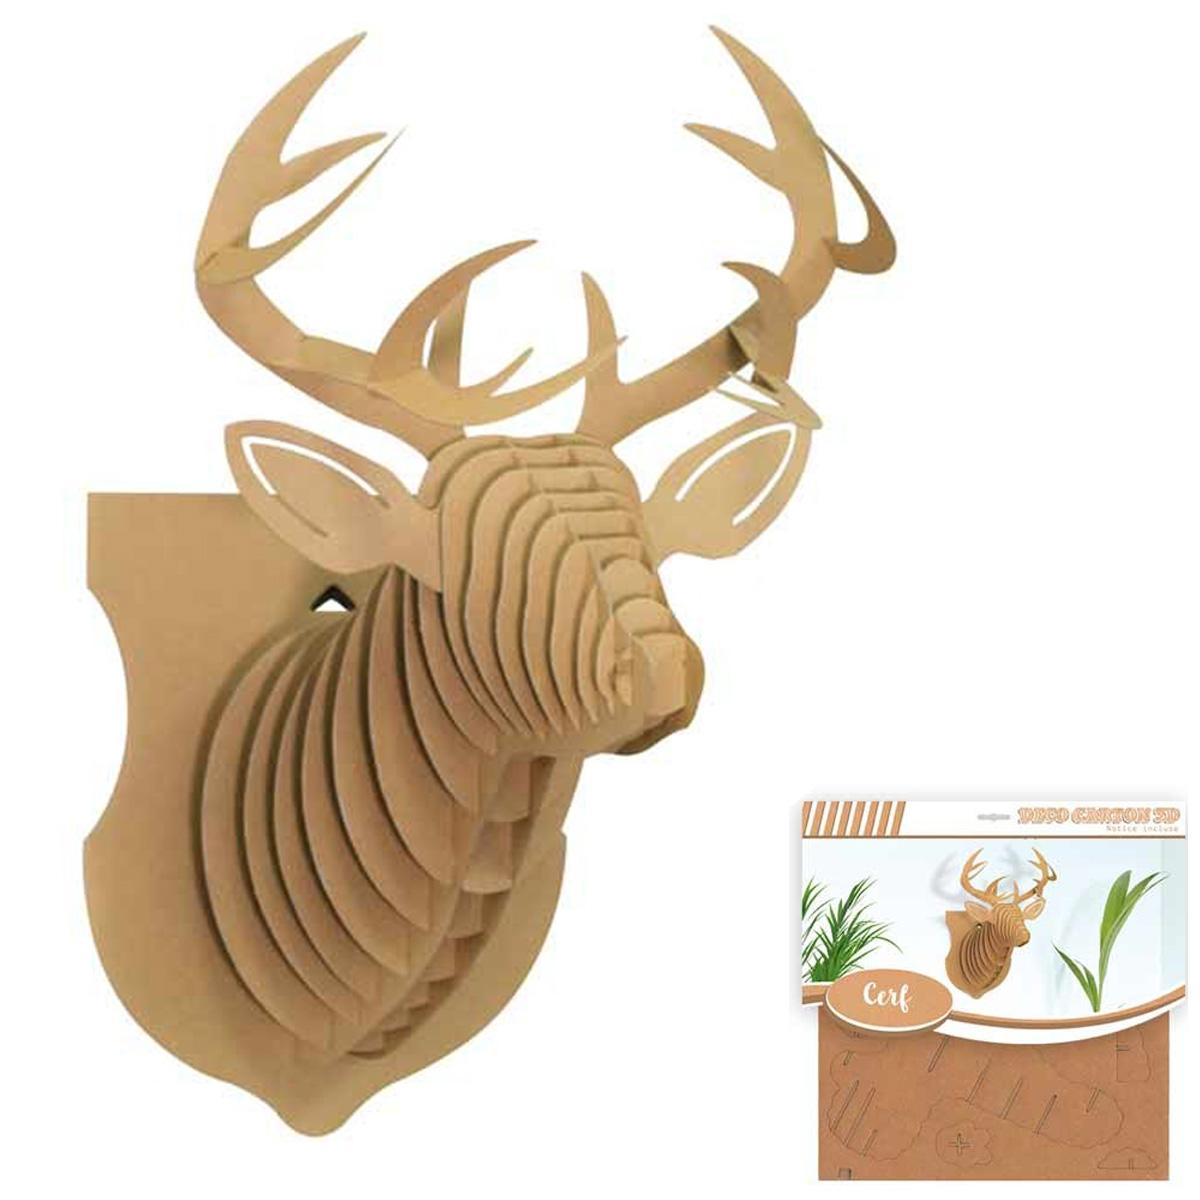 Figurine carton 3D \'Cerf\' - planches 30x305 cm - [Q4568]